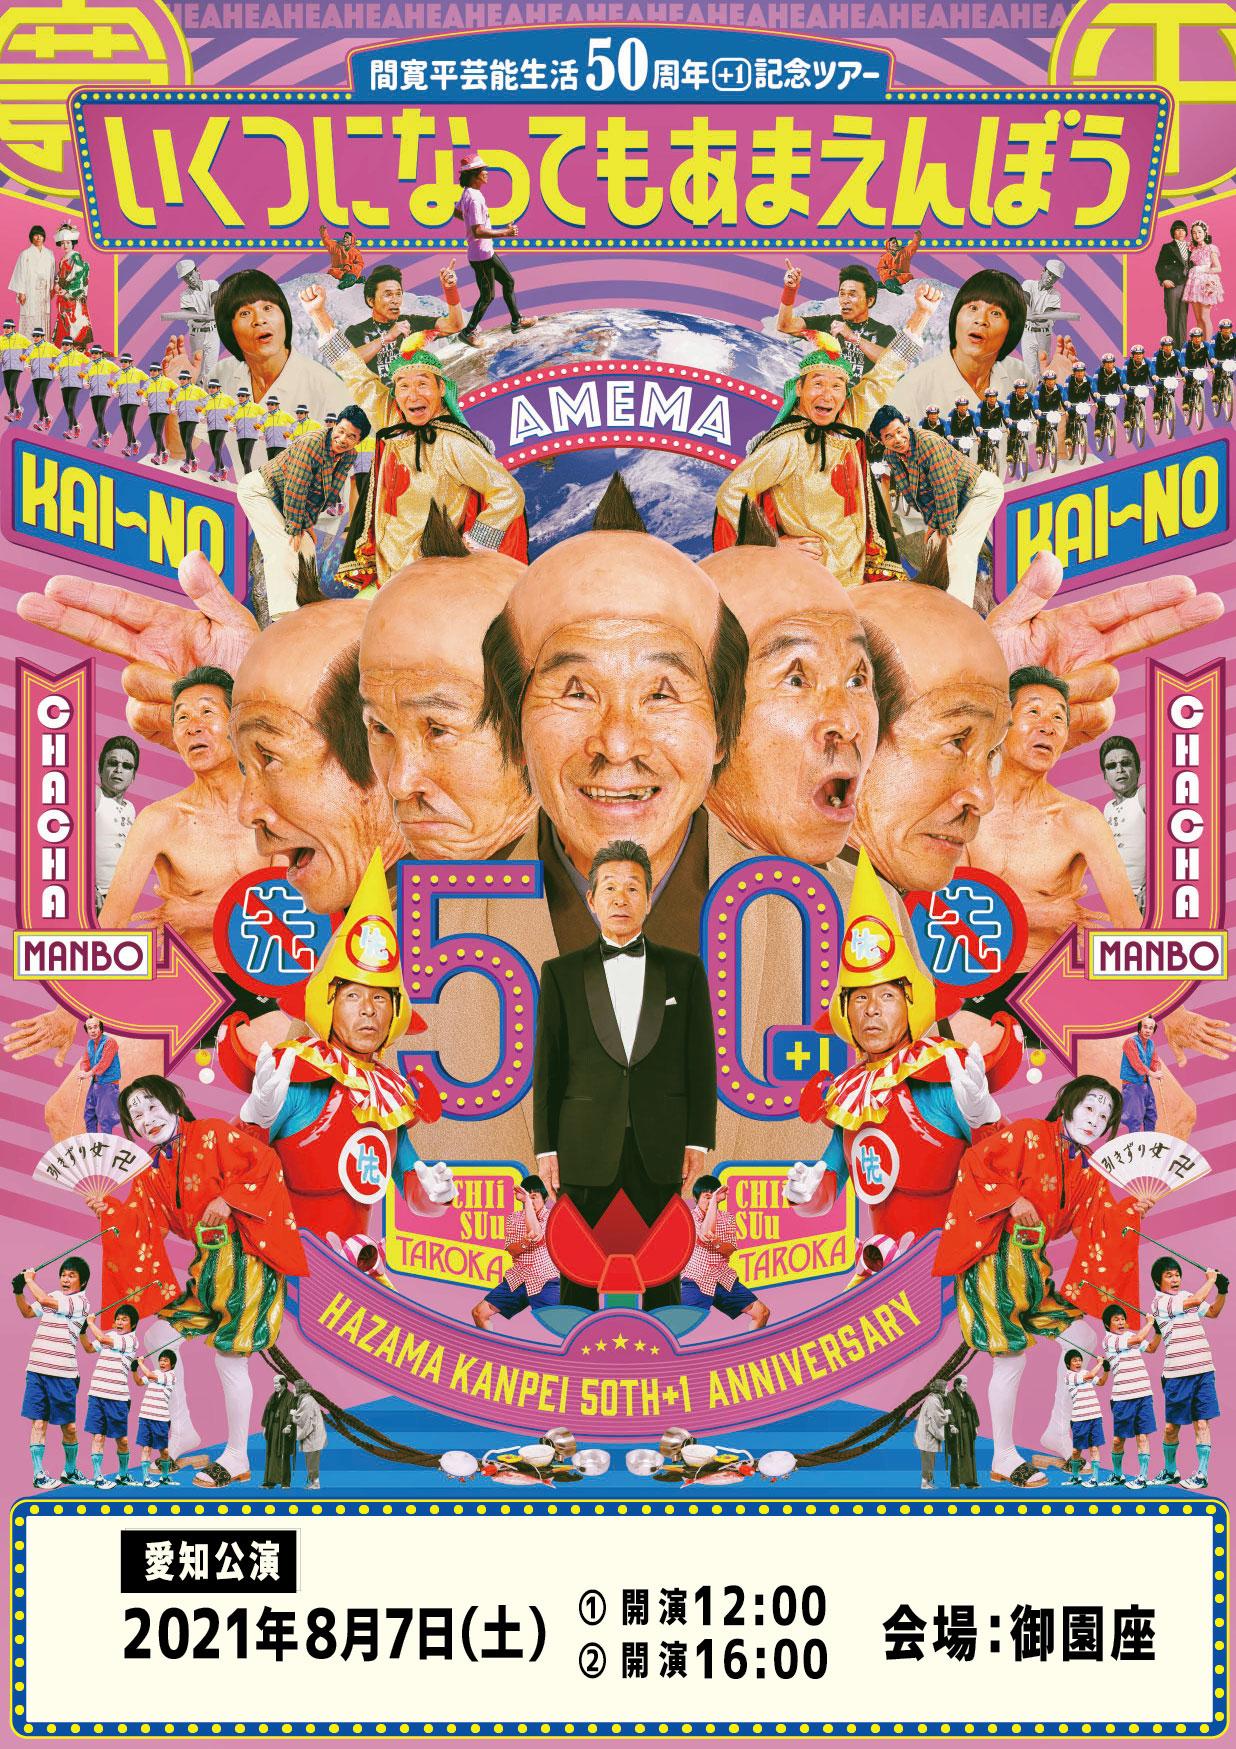 間寛平 芸能生活50+1周年記念ツアー